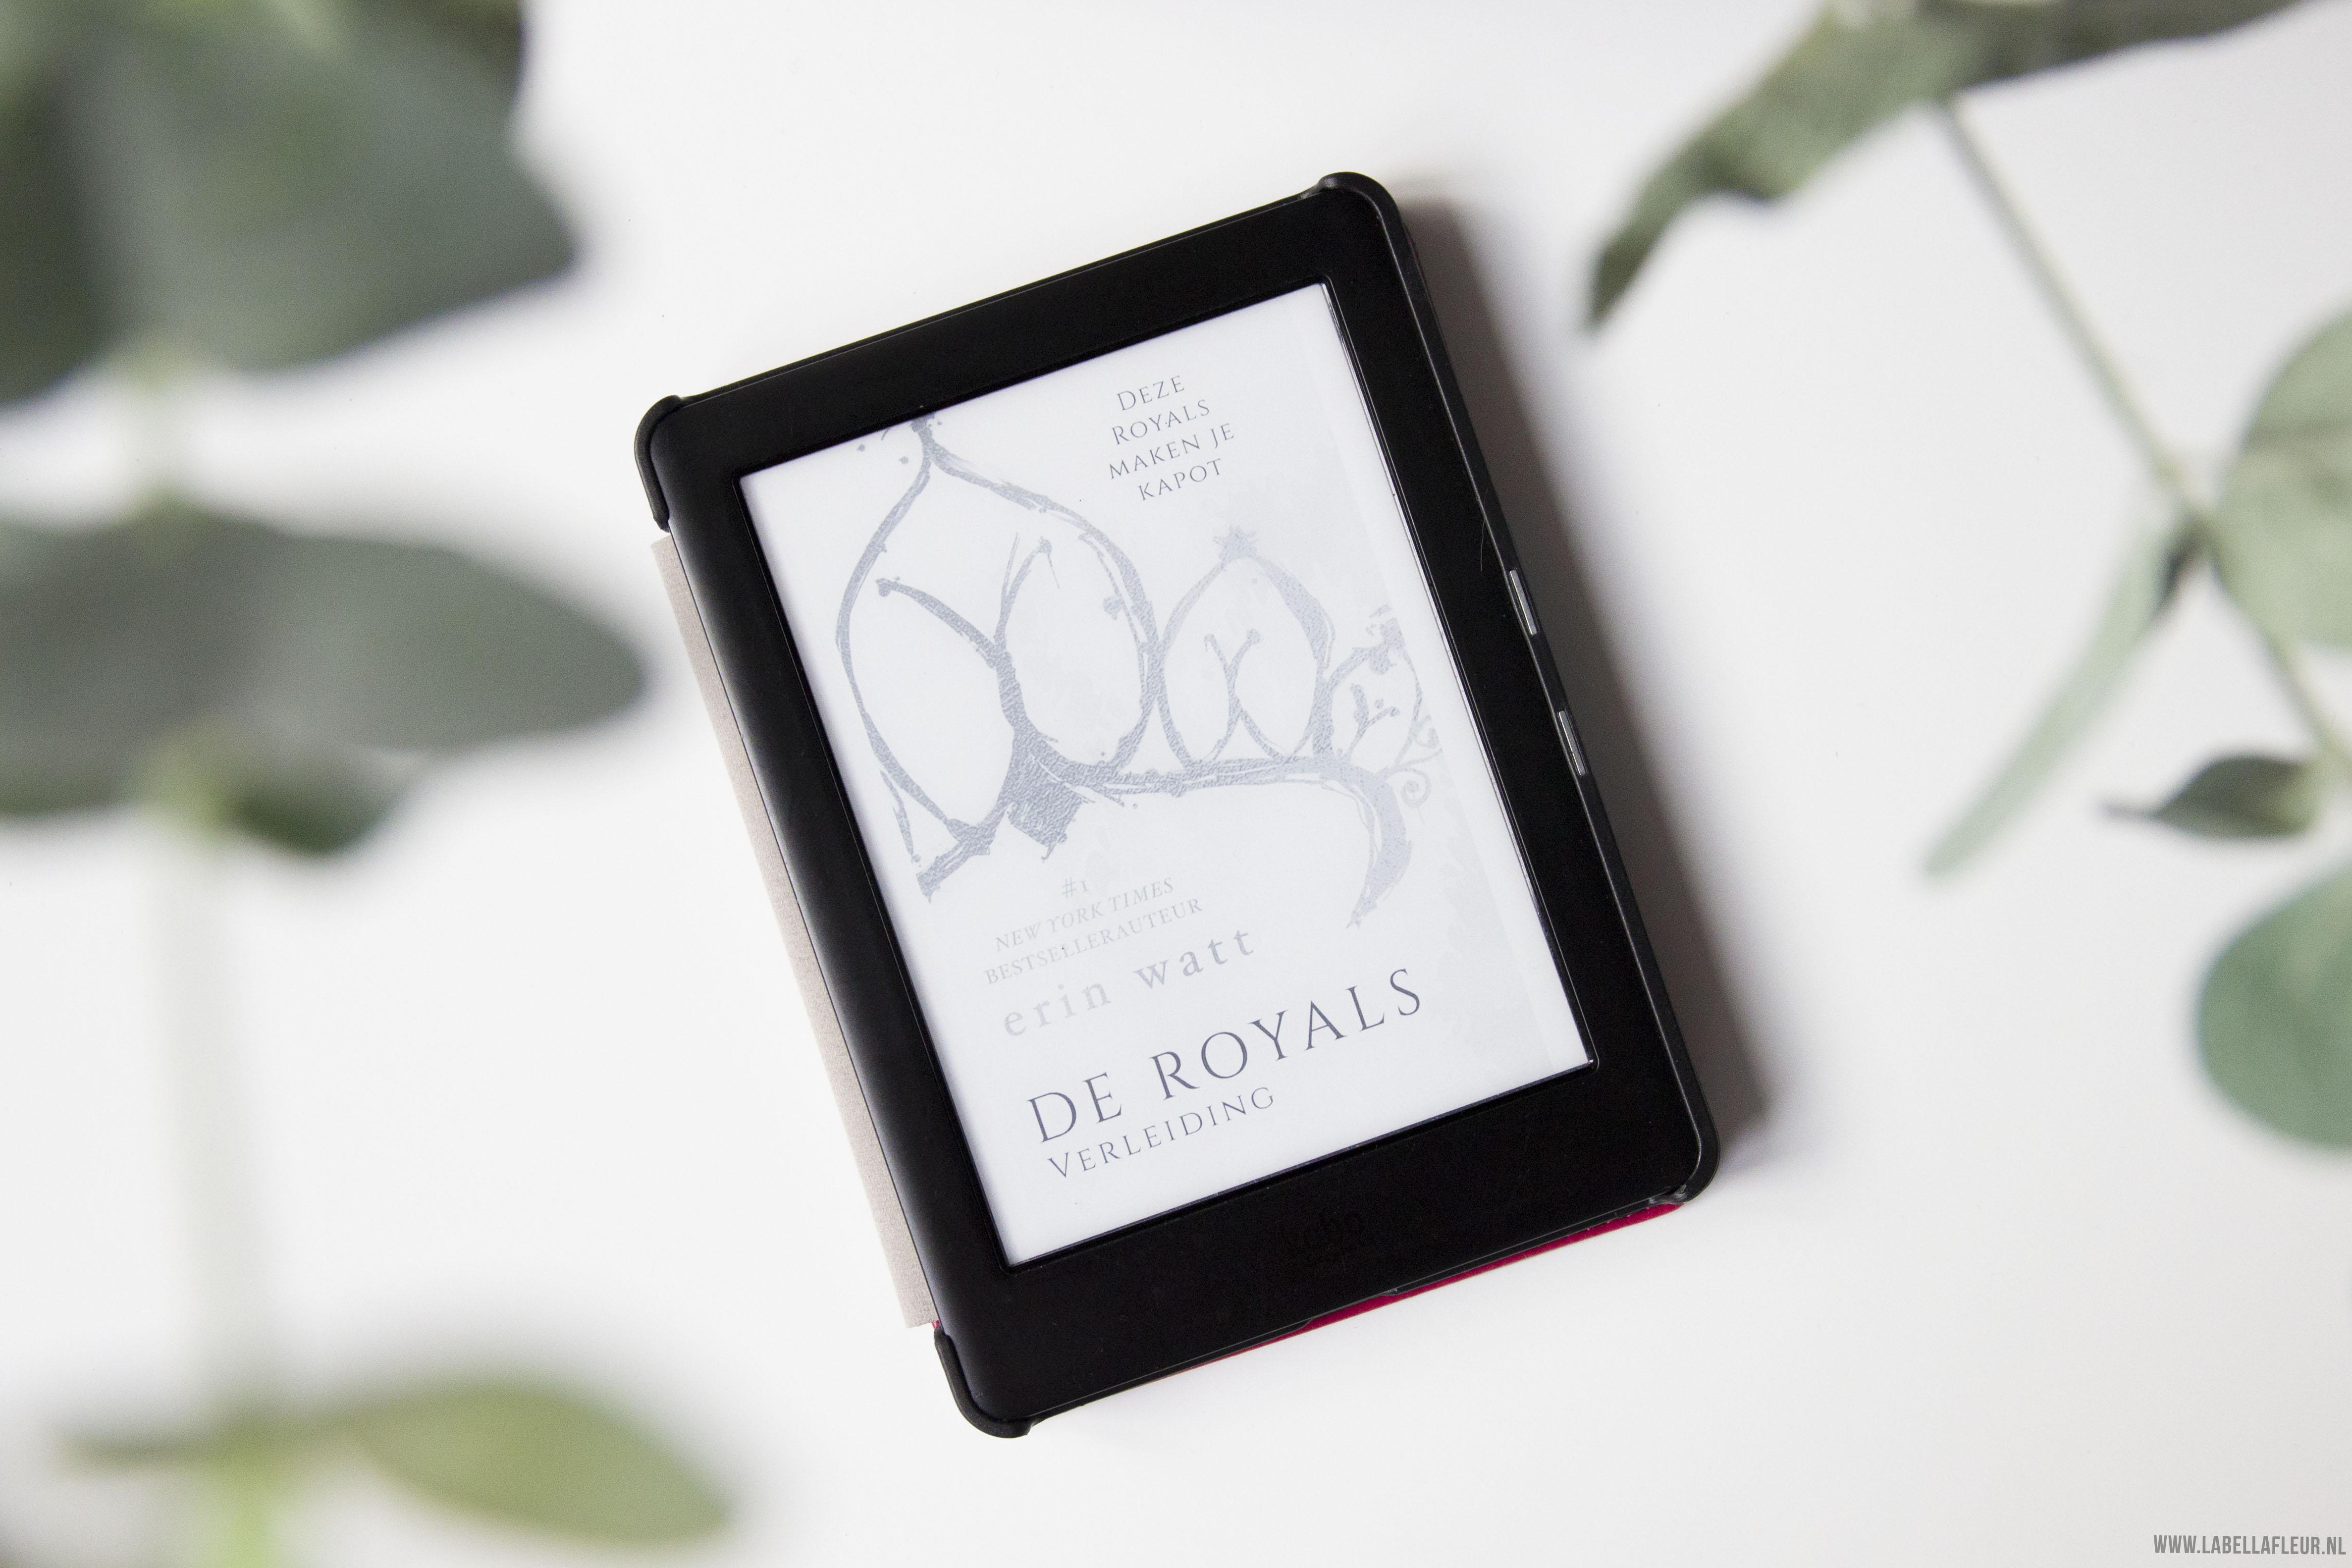 boeken, gelezen, De Royals, verleiding